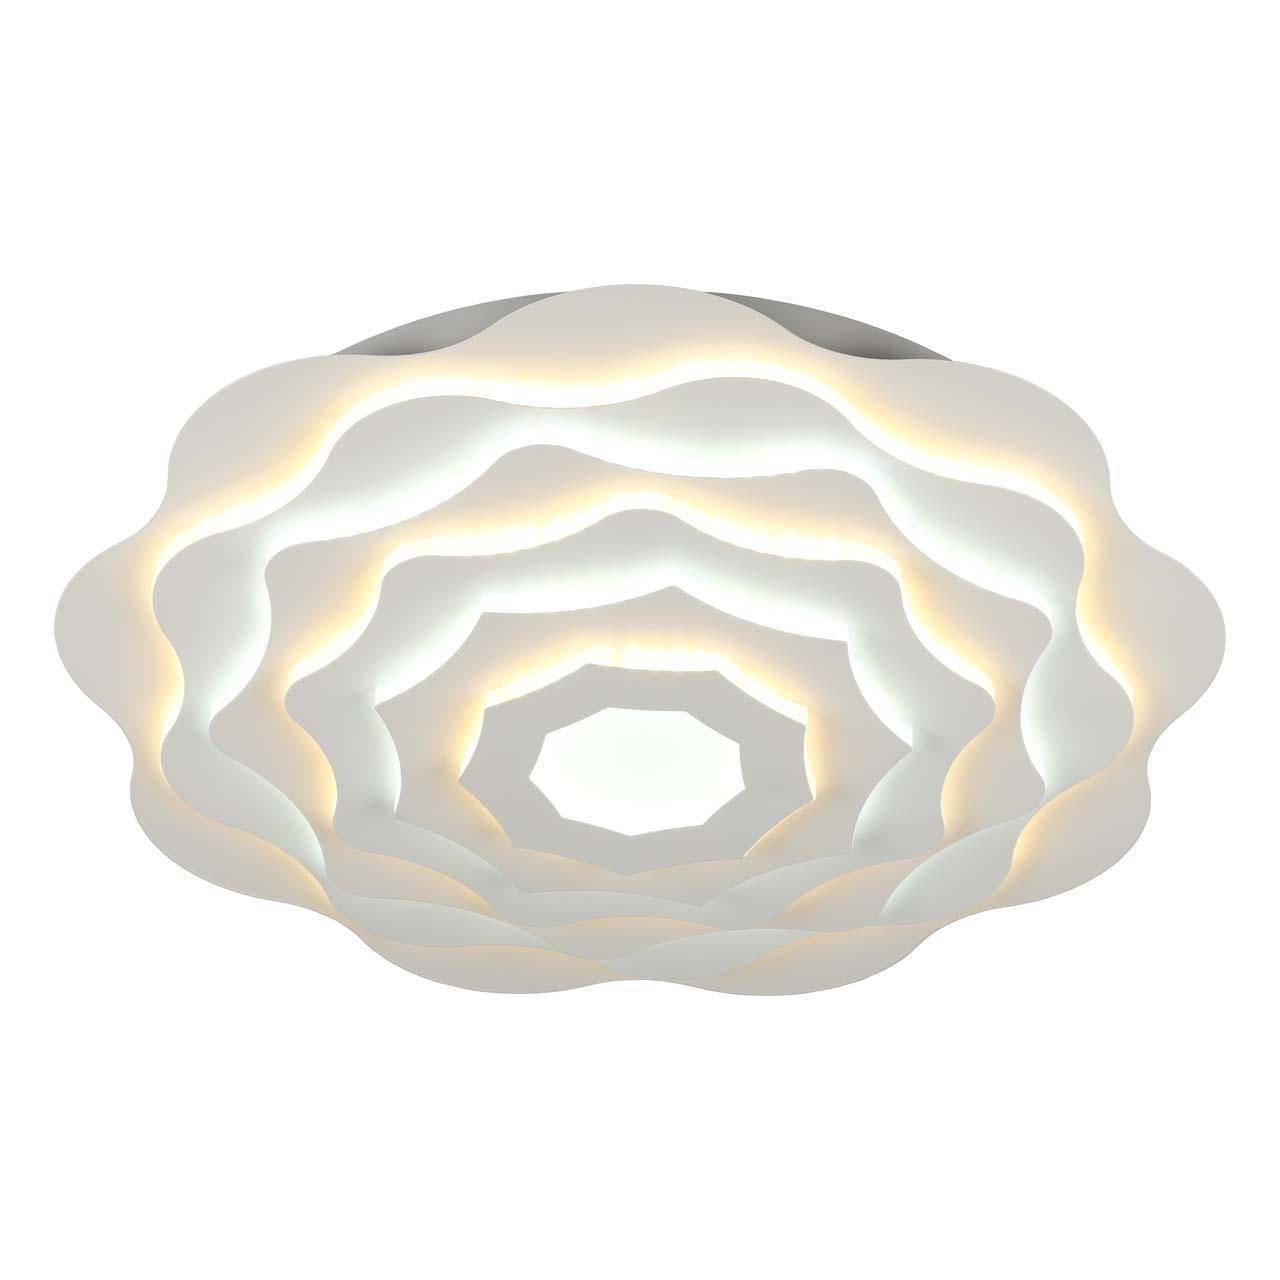 Потолочная светодиодная люстра Omnilux Varedo OML-07907-188